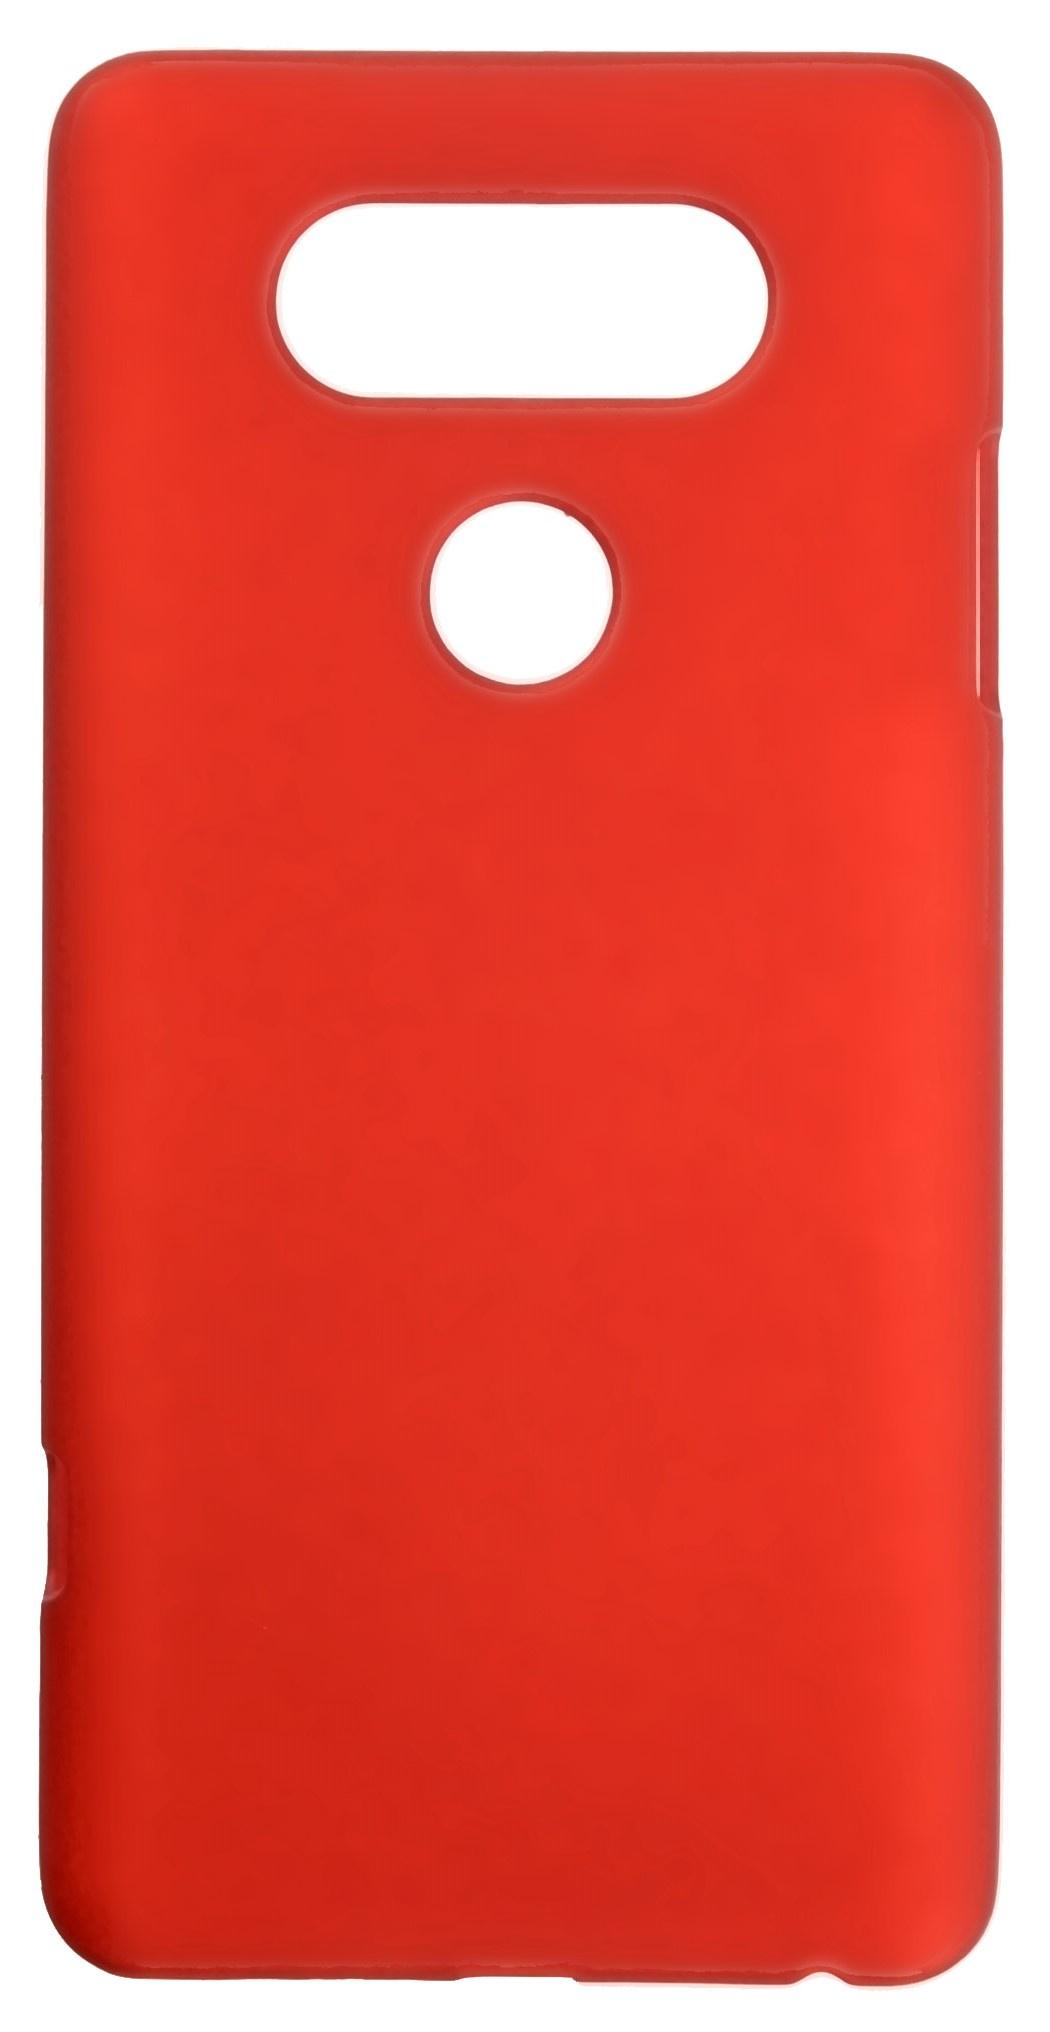 Чехол для сотового телефона skinBOX 4People, 4630042528994, красный стоимость